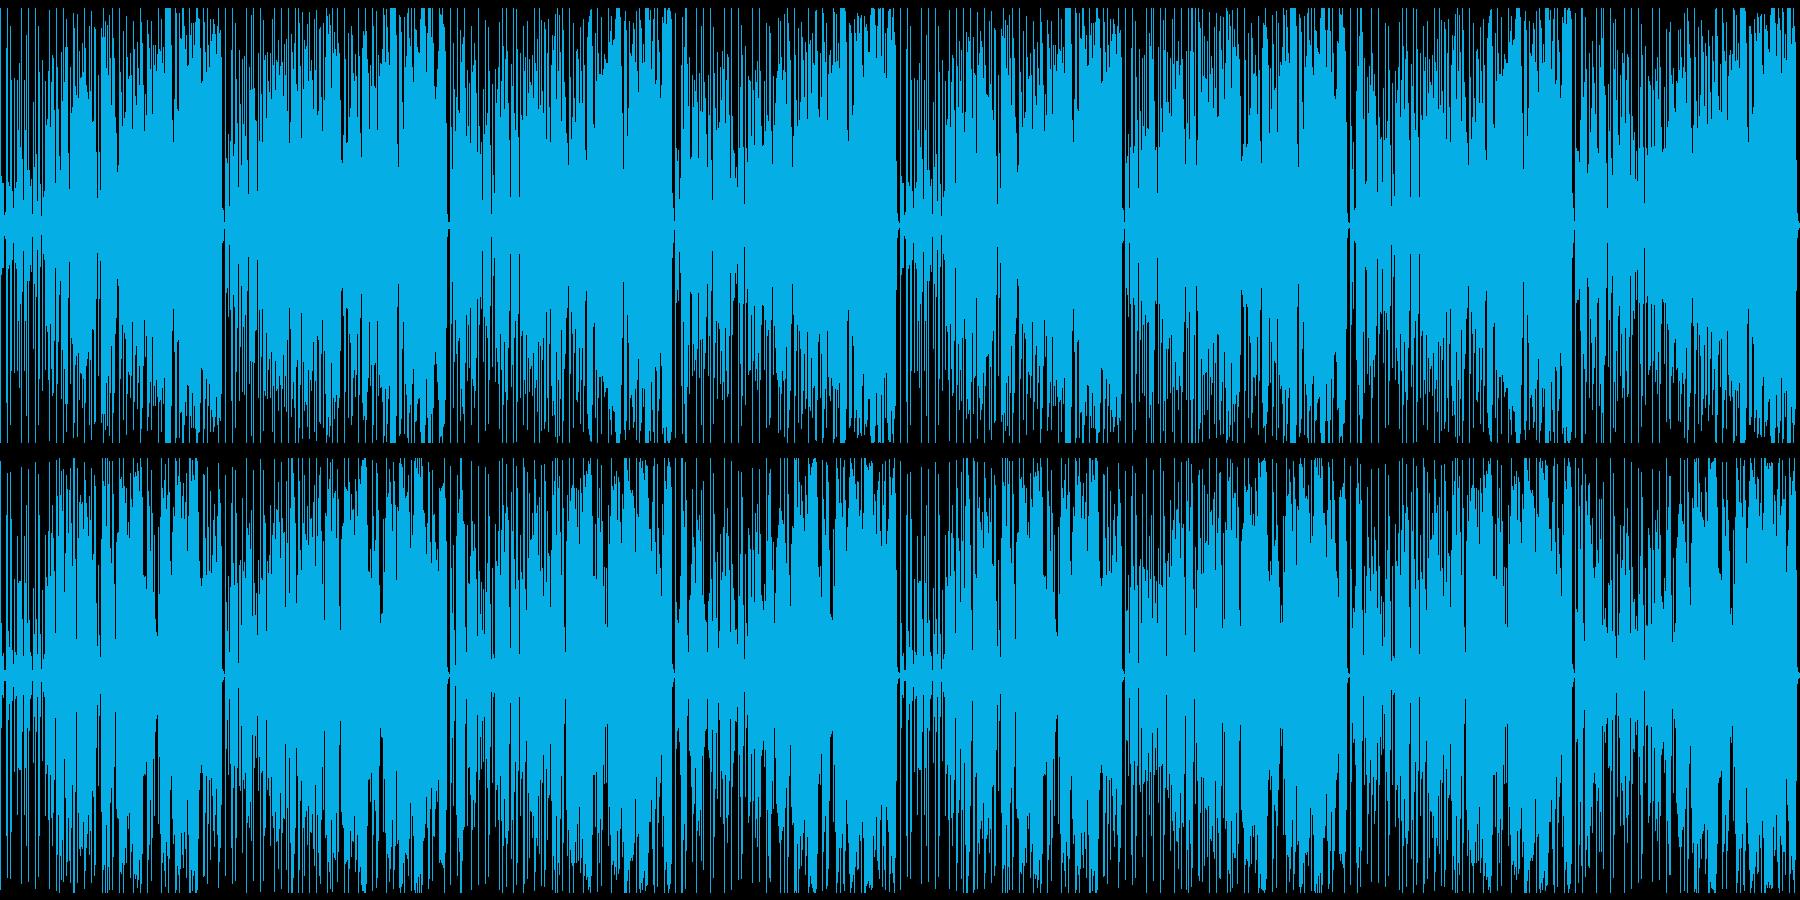 オシャレなフューチャーベースの再生済みの波形